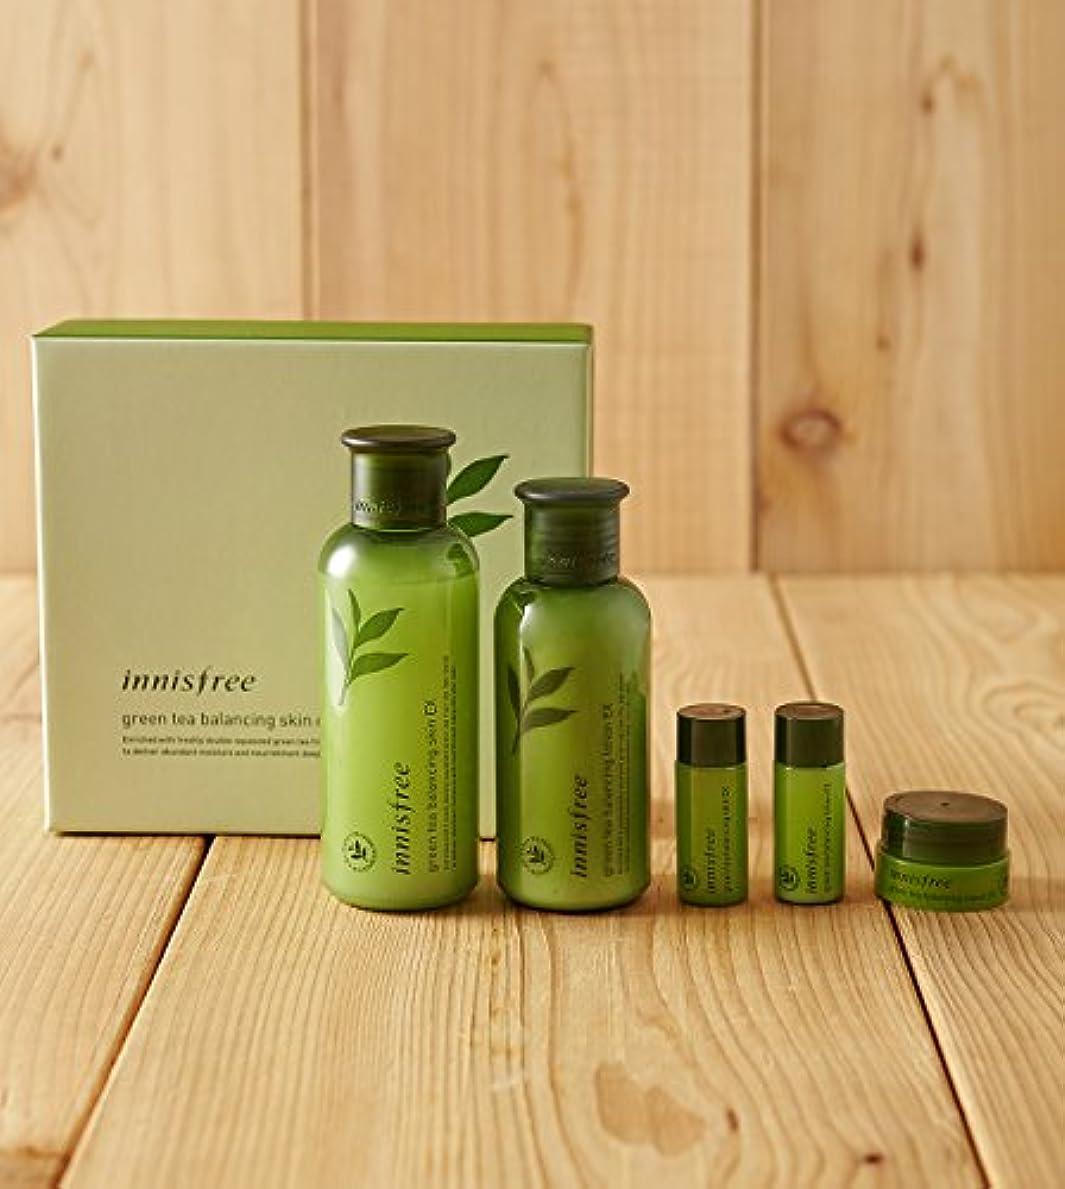 うがい終わった加速するinnisfree green tea balancing skin care set ex/イニスフリーグリーンティーバランシングスキンケアセットex